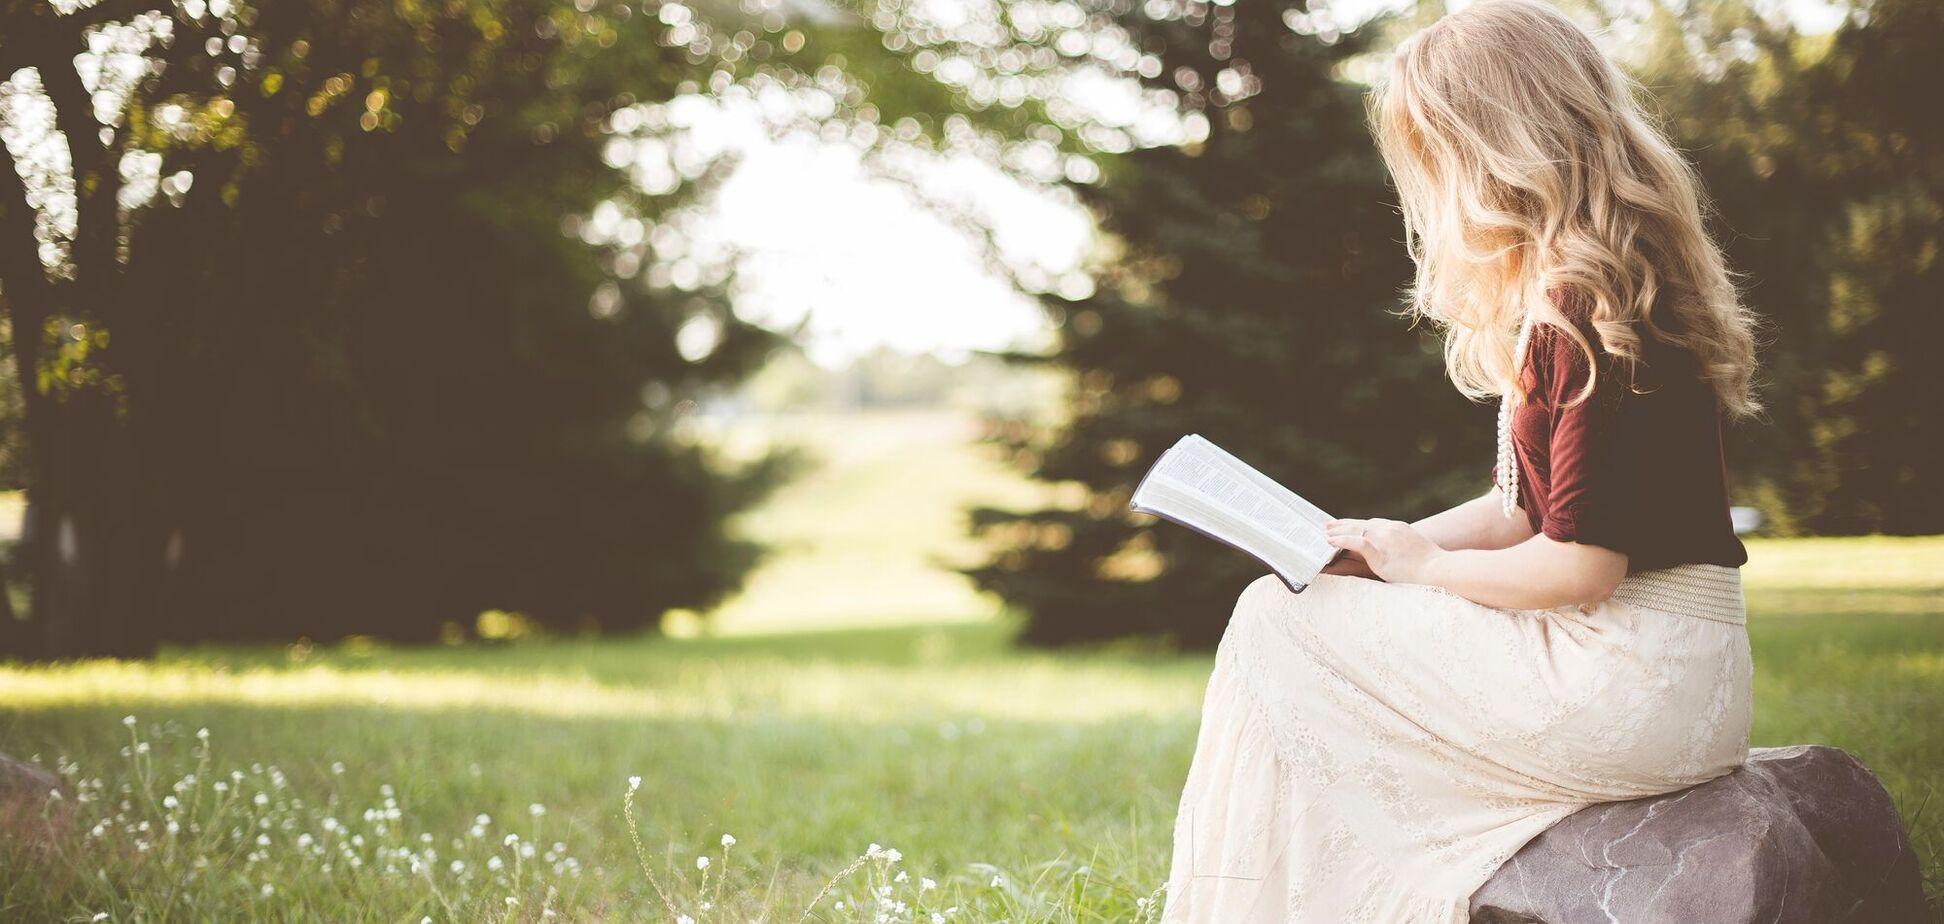 Всесвітній день книги та авторського права відзначається 23 квітня